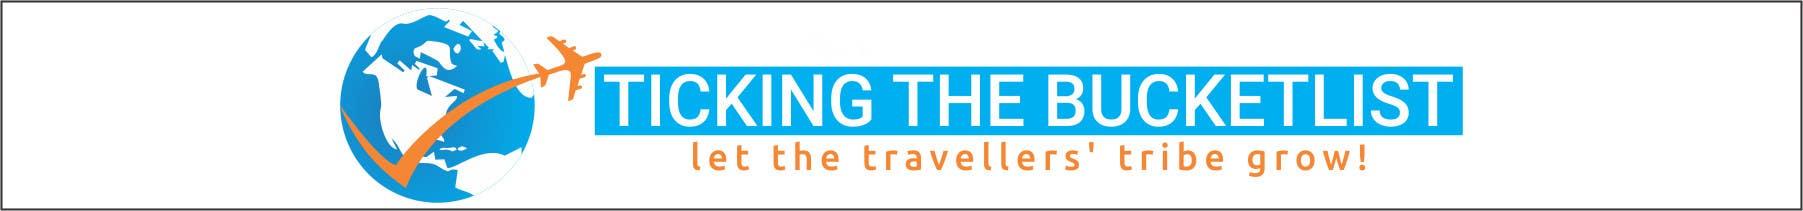 Konkurrenceindlæg #21 for Design a Logo for our website